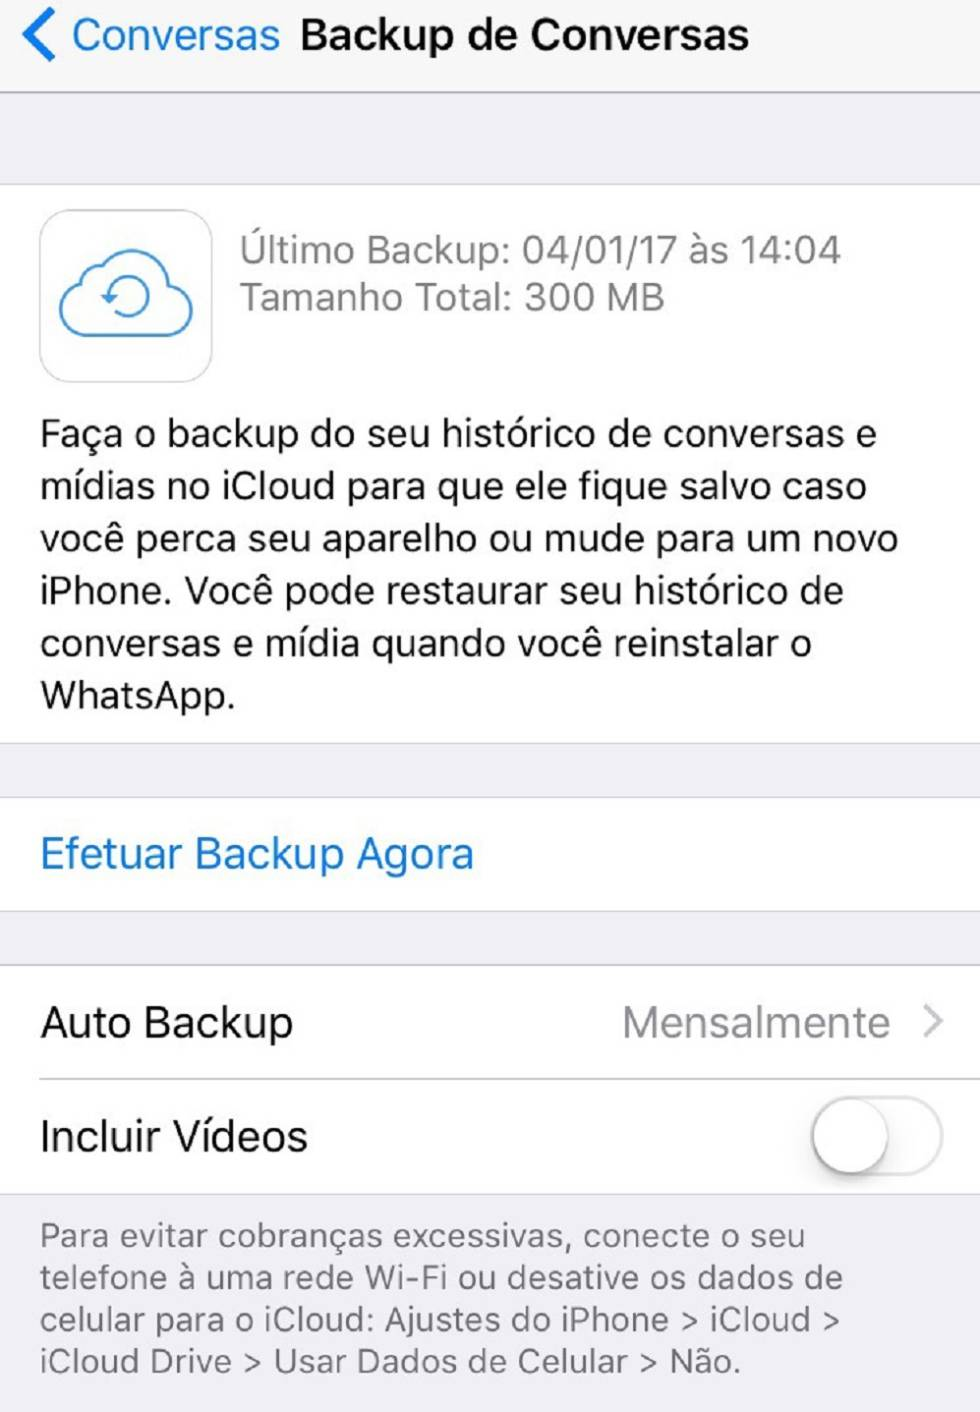 11 Truques De Organização No Whatsapp Para Tornar Sua Vida Um Pouco